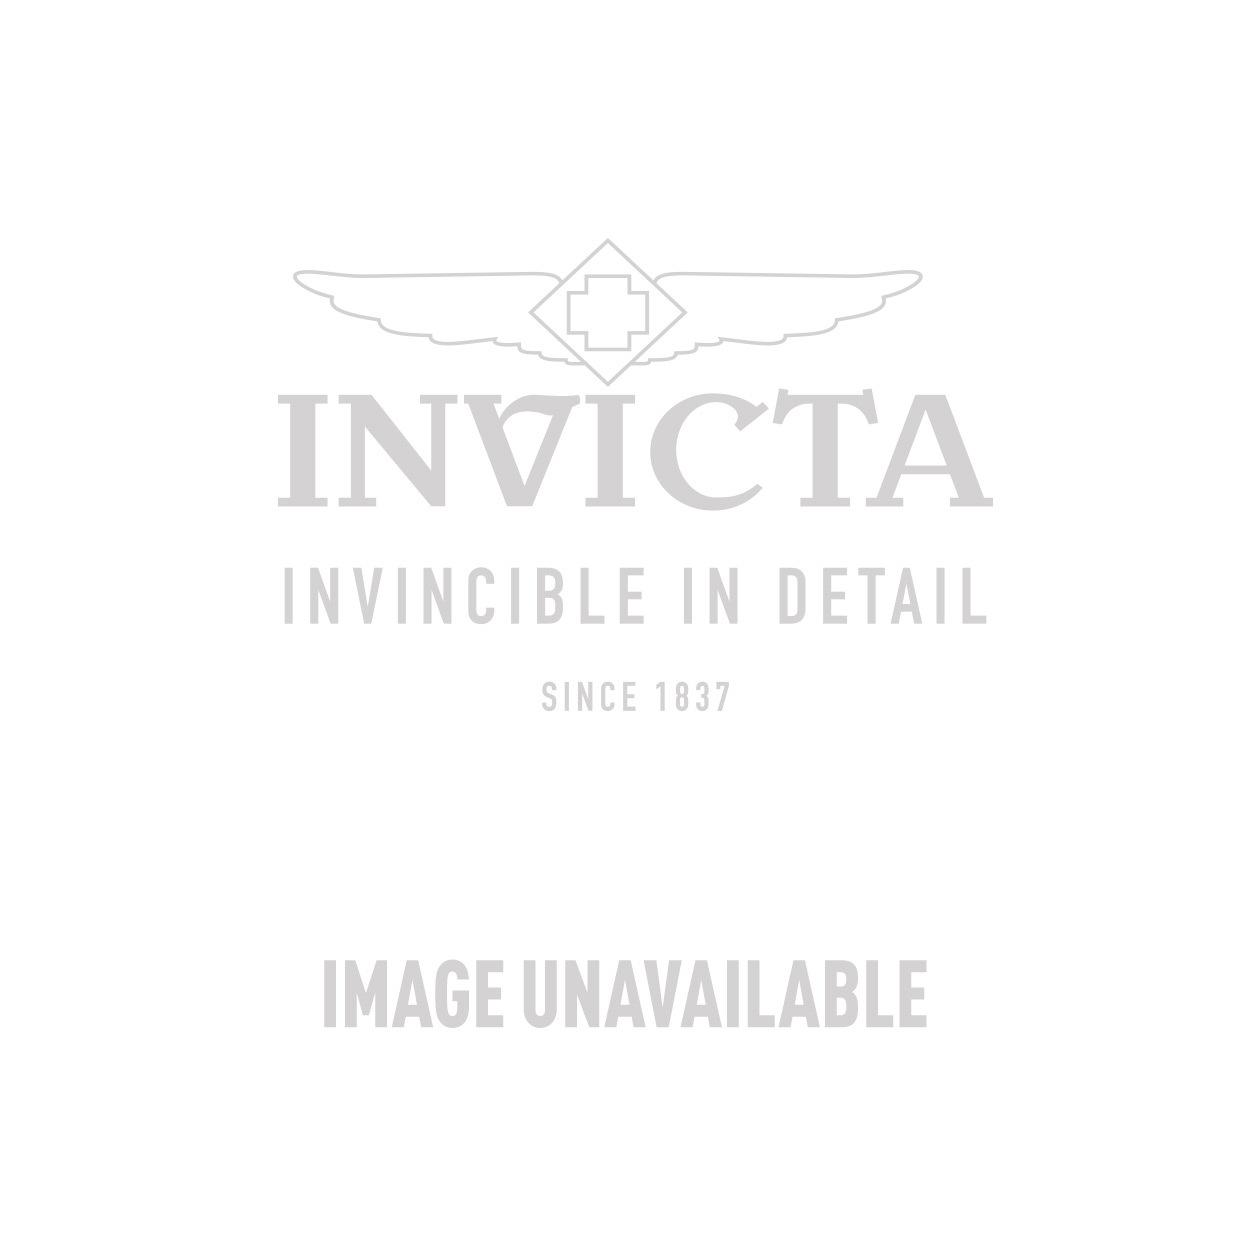 Invicta Model 23962